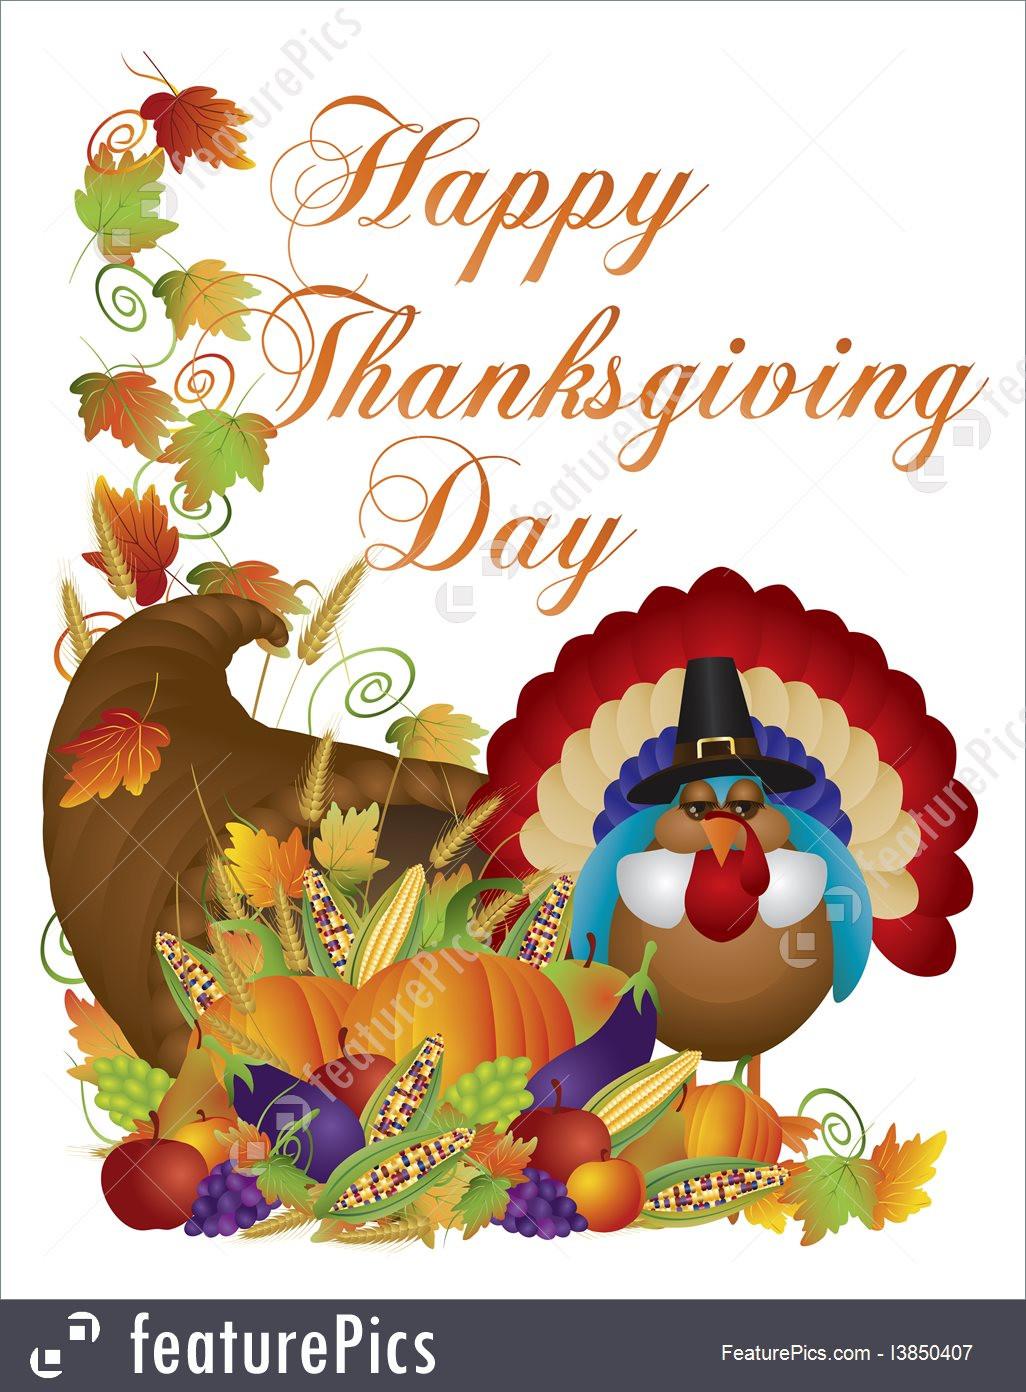 When Should I Buy My Turkey For Thanksgiving  Illustration Happy Thanksgiving Day Cornucopia Turkey